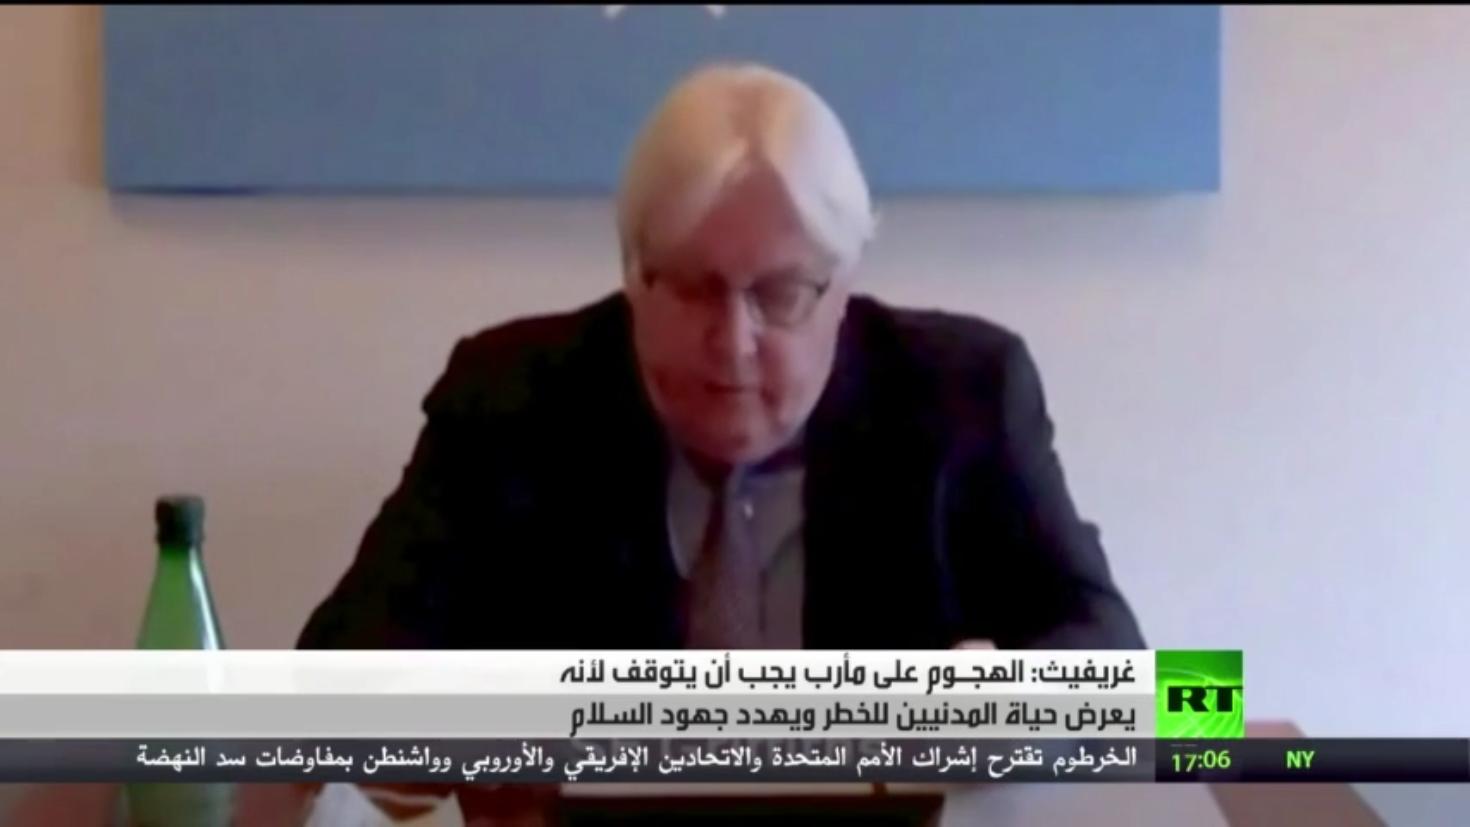 غريفيث يطالب الحوثيين بوقف الهجوم على مأرب